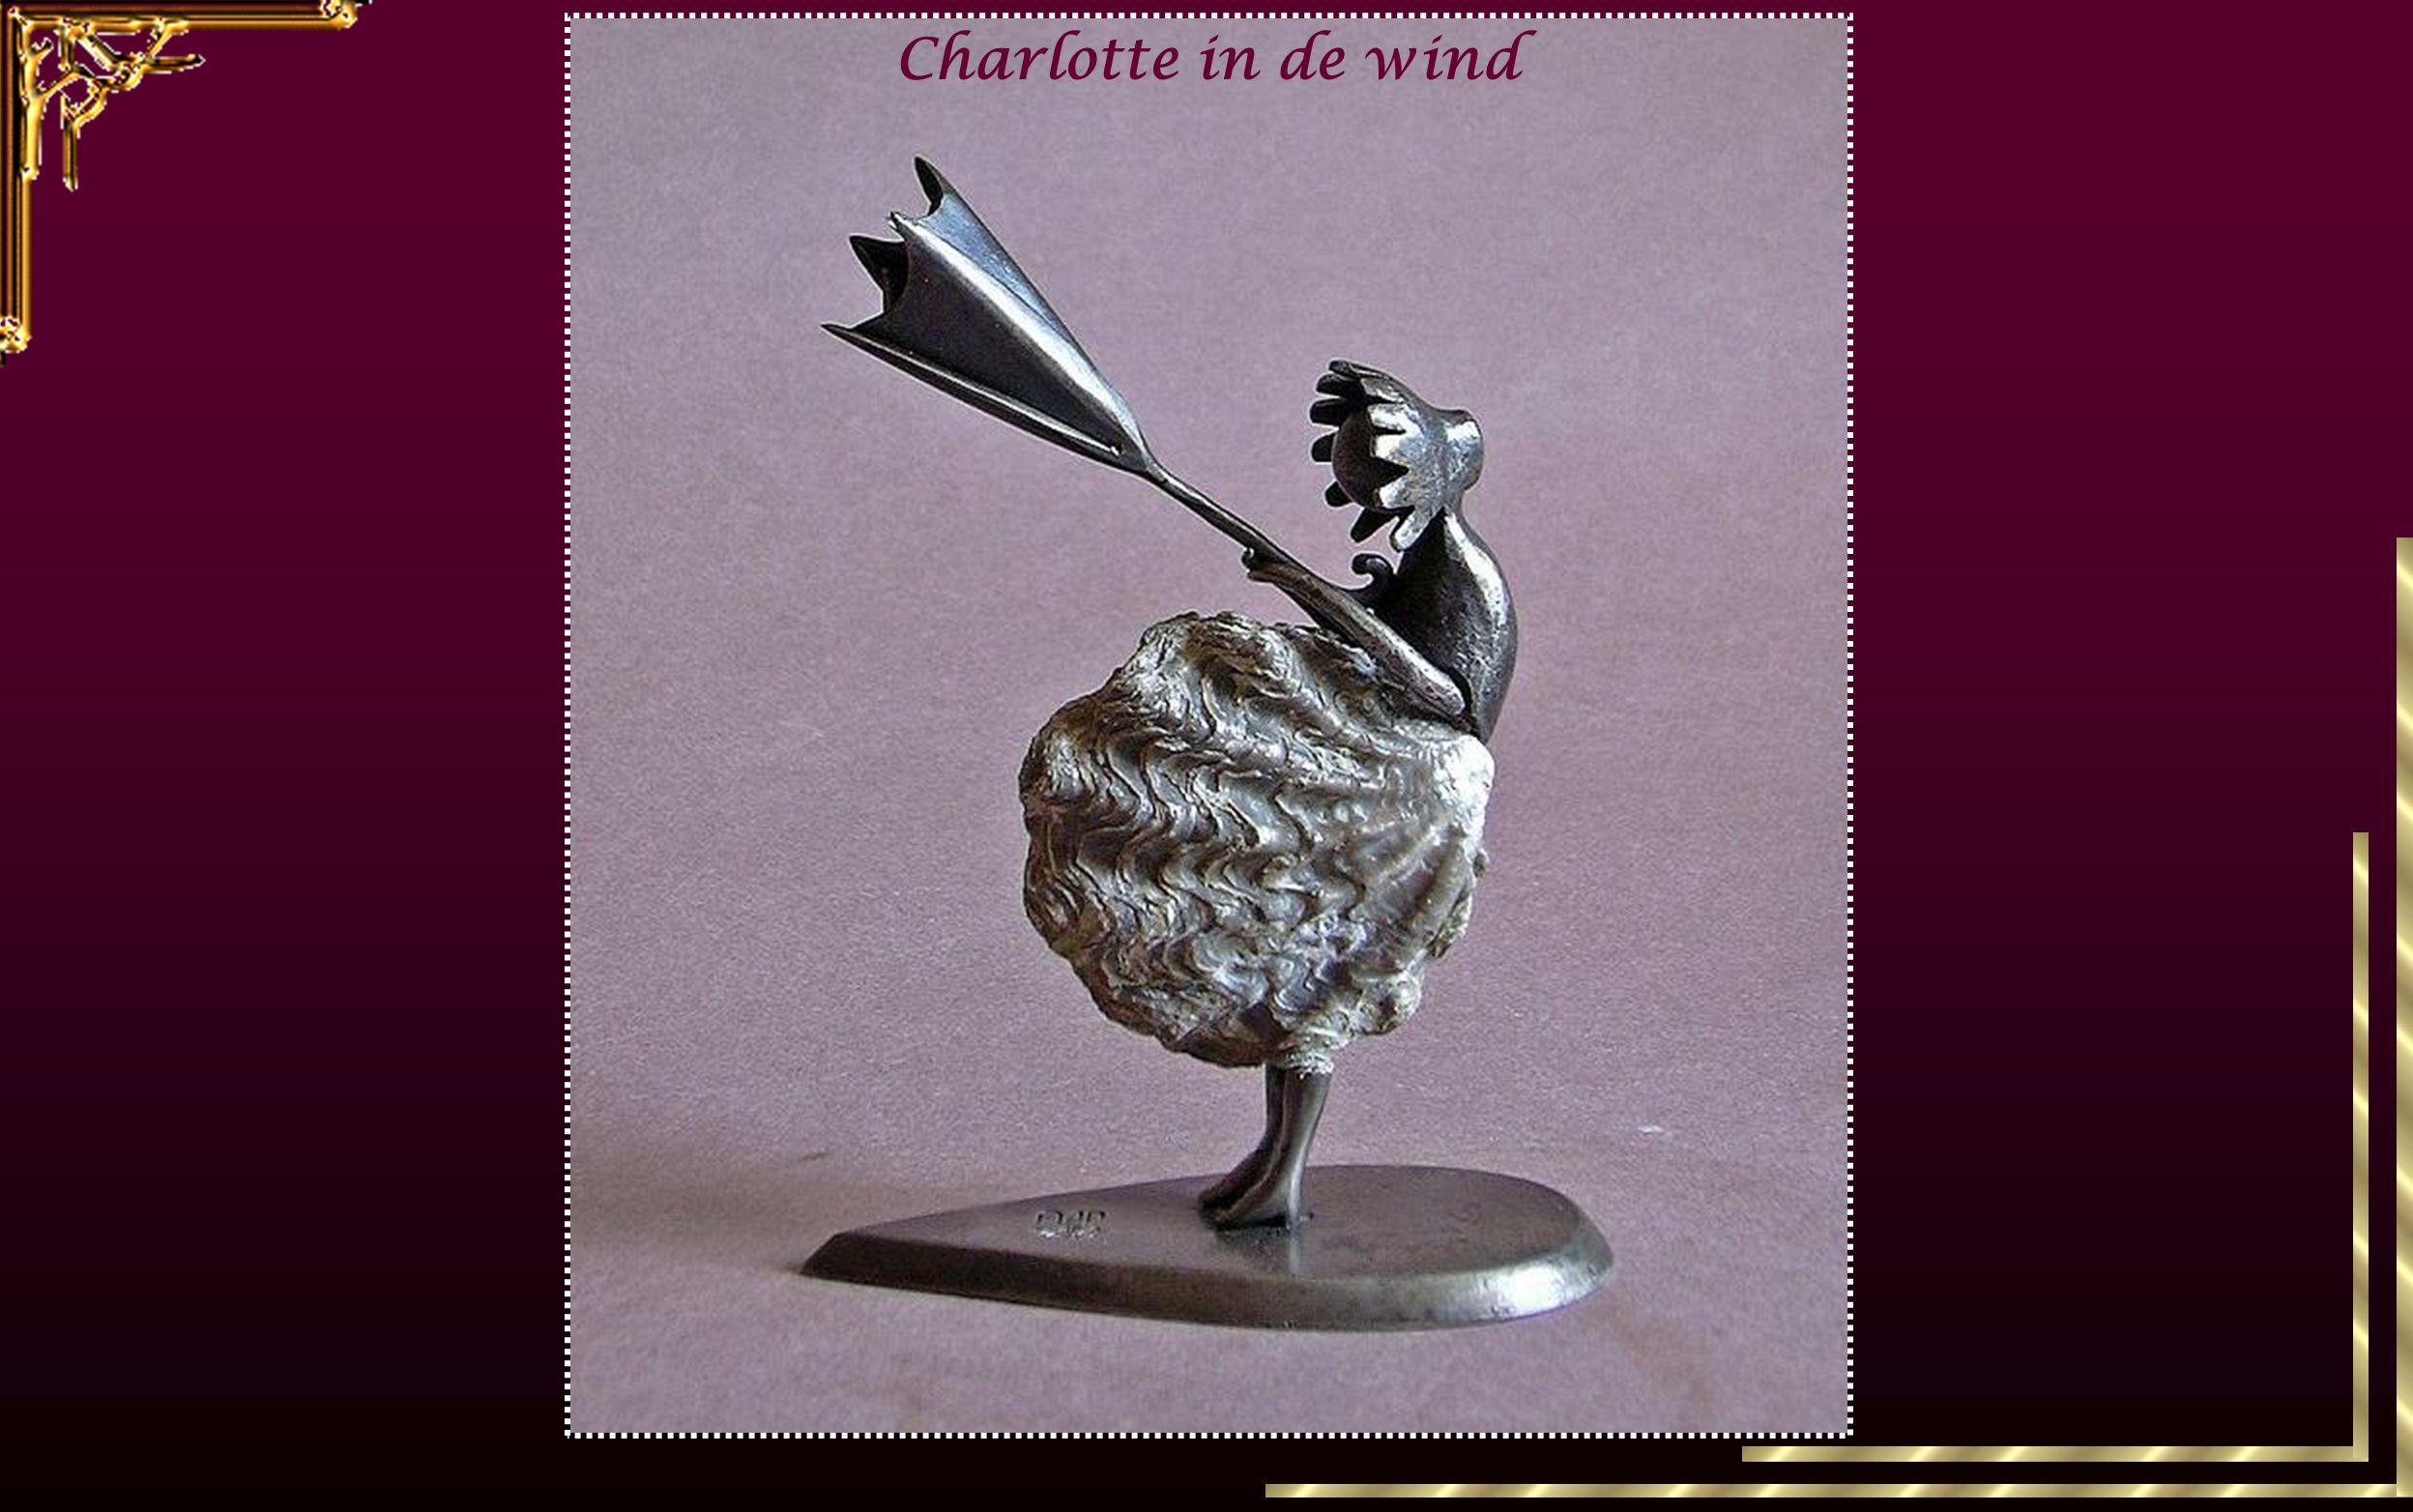 Charlotte in de wind